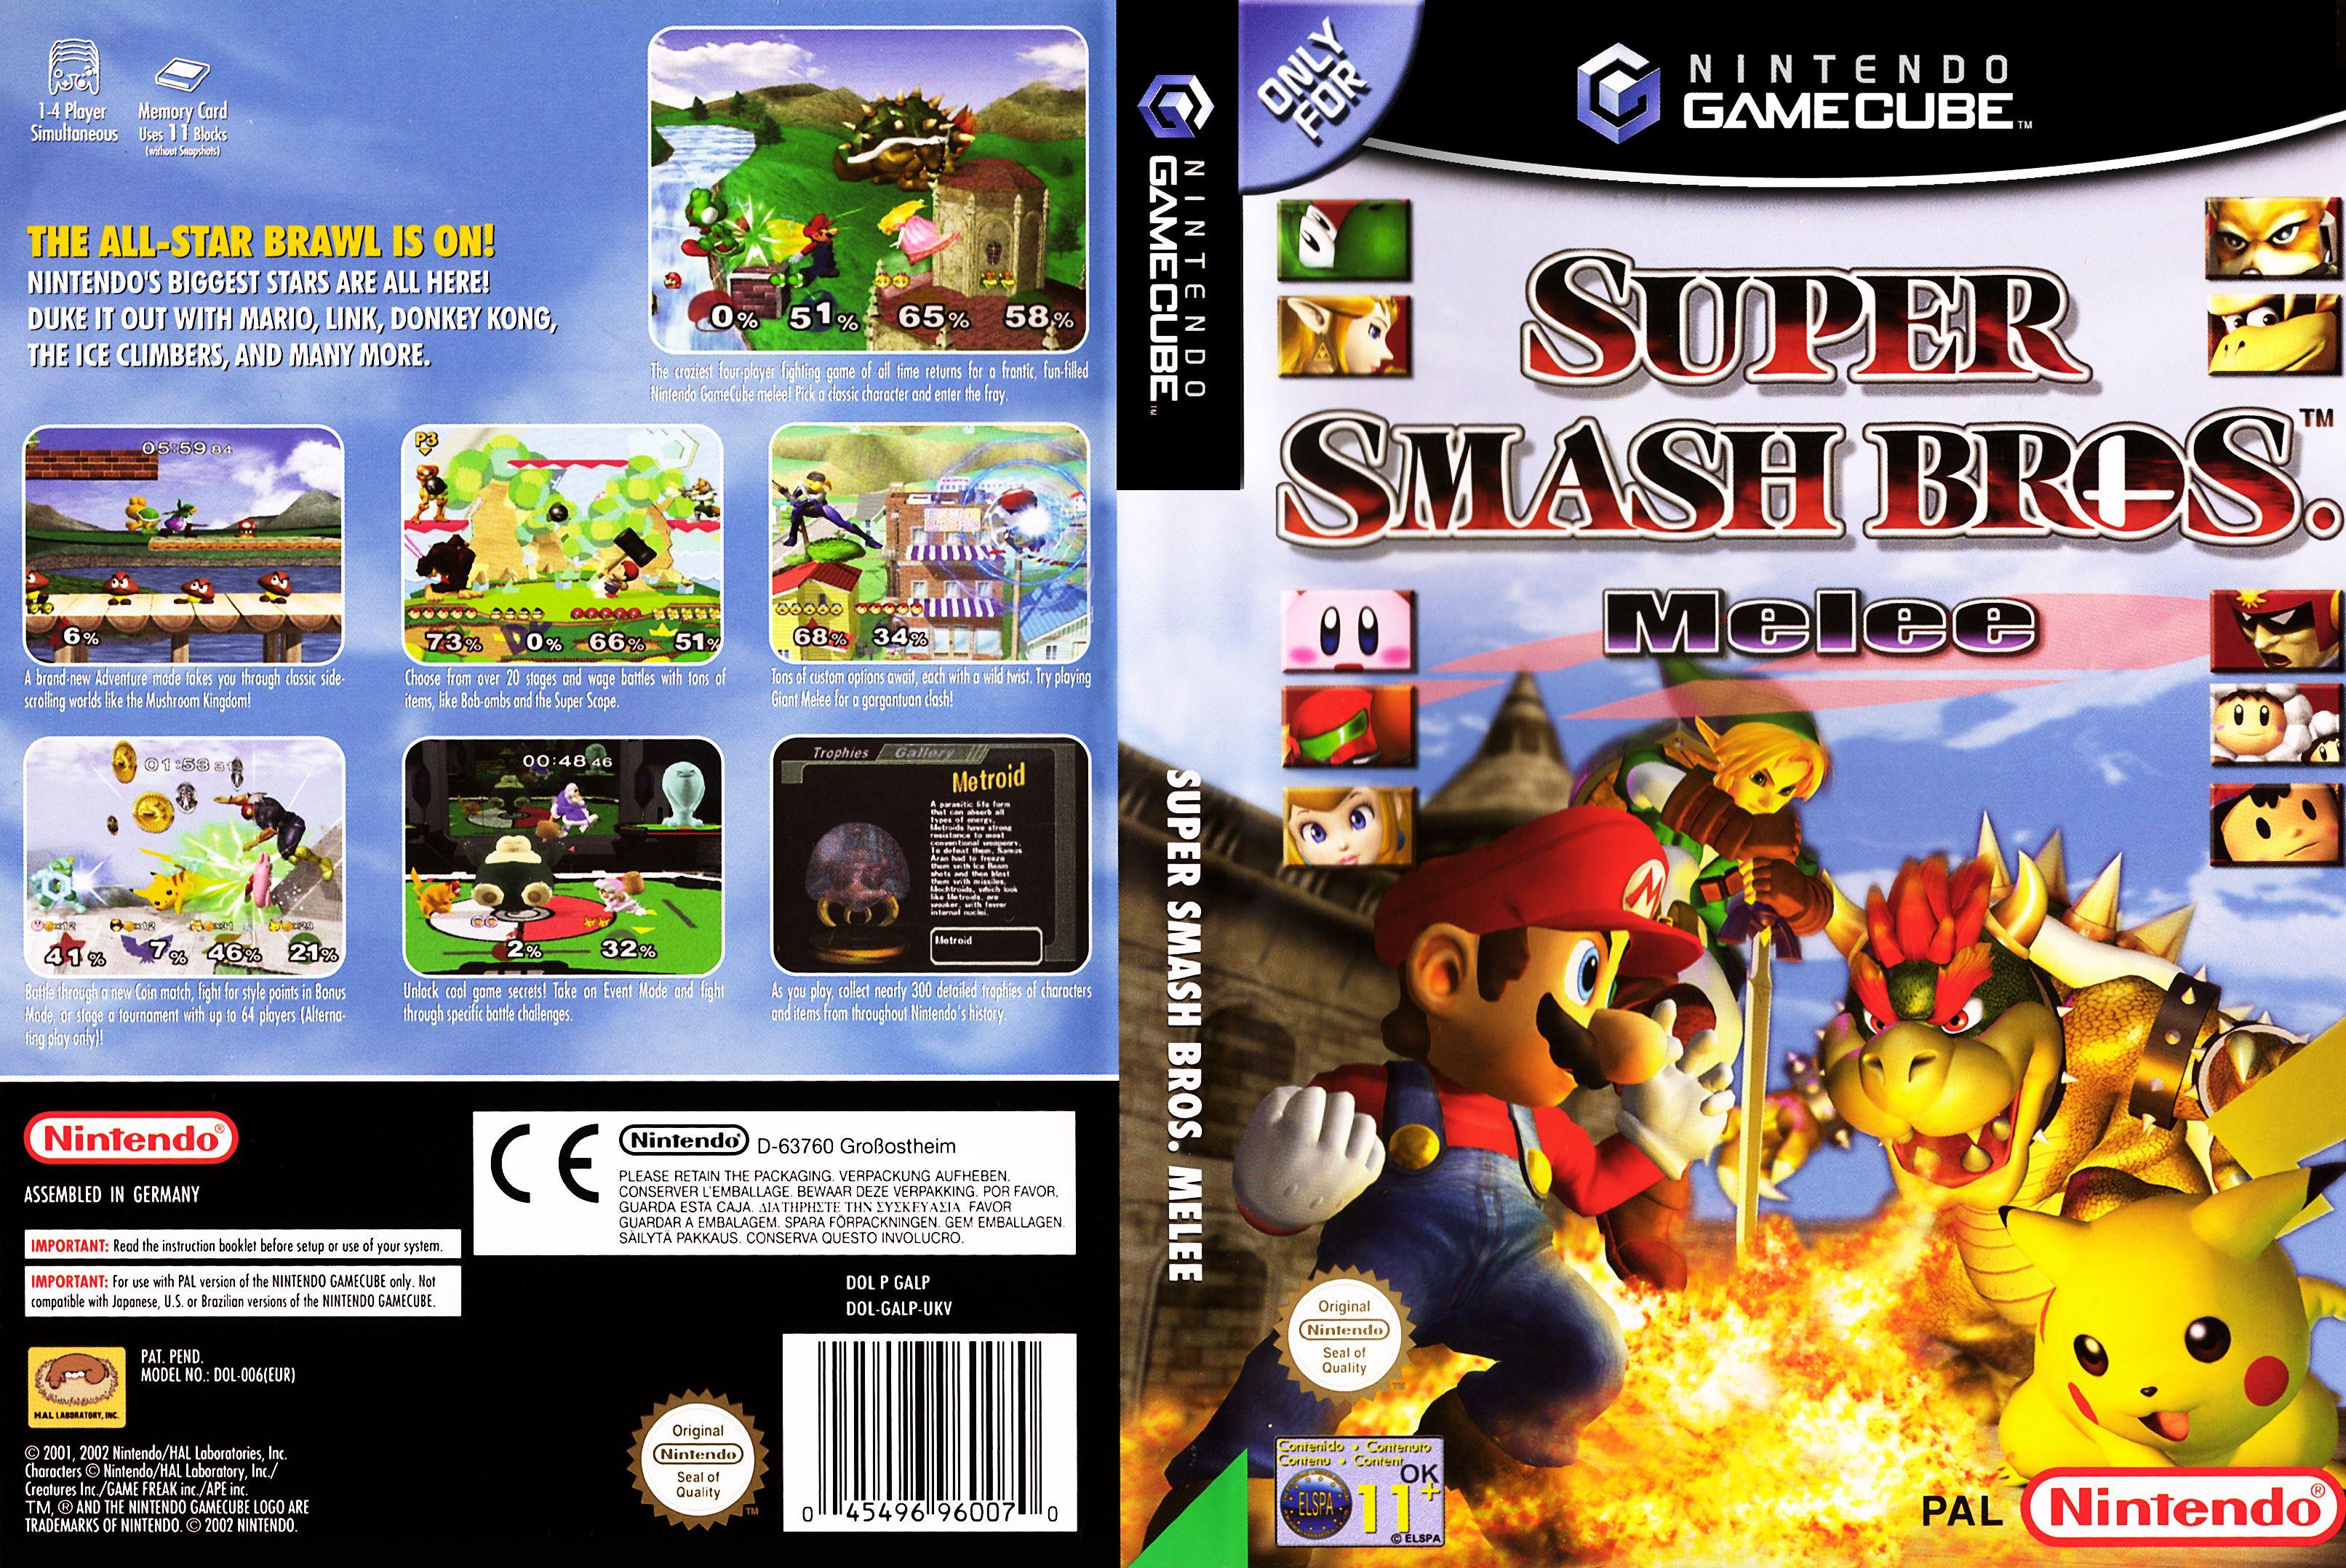 Download Super Smash Bros. Melee